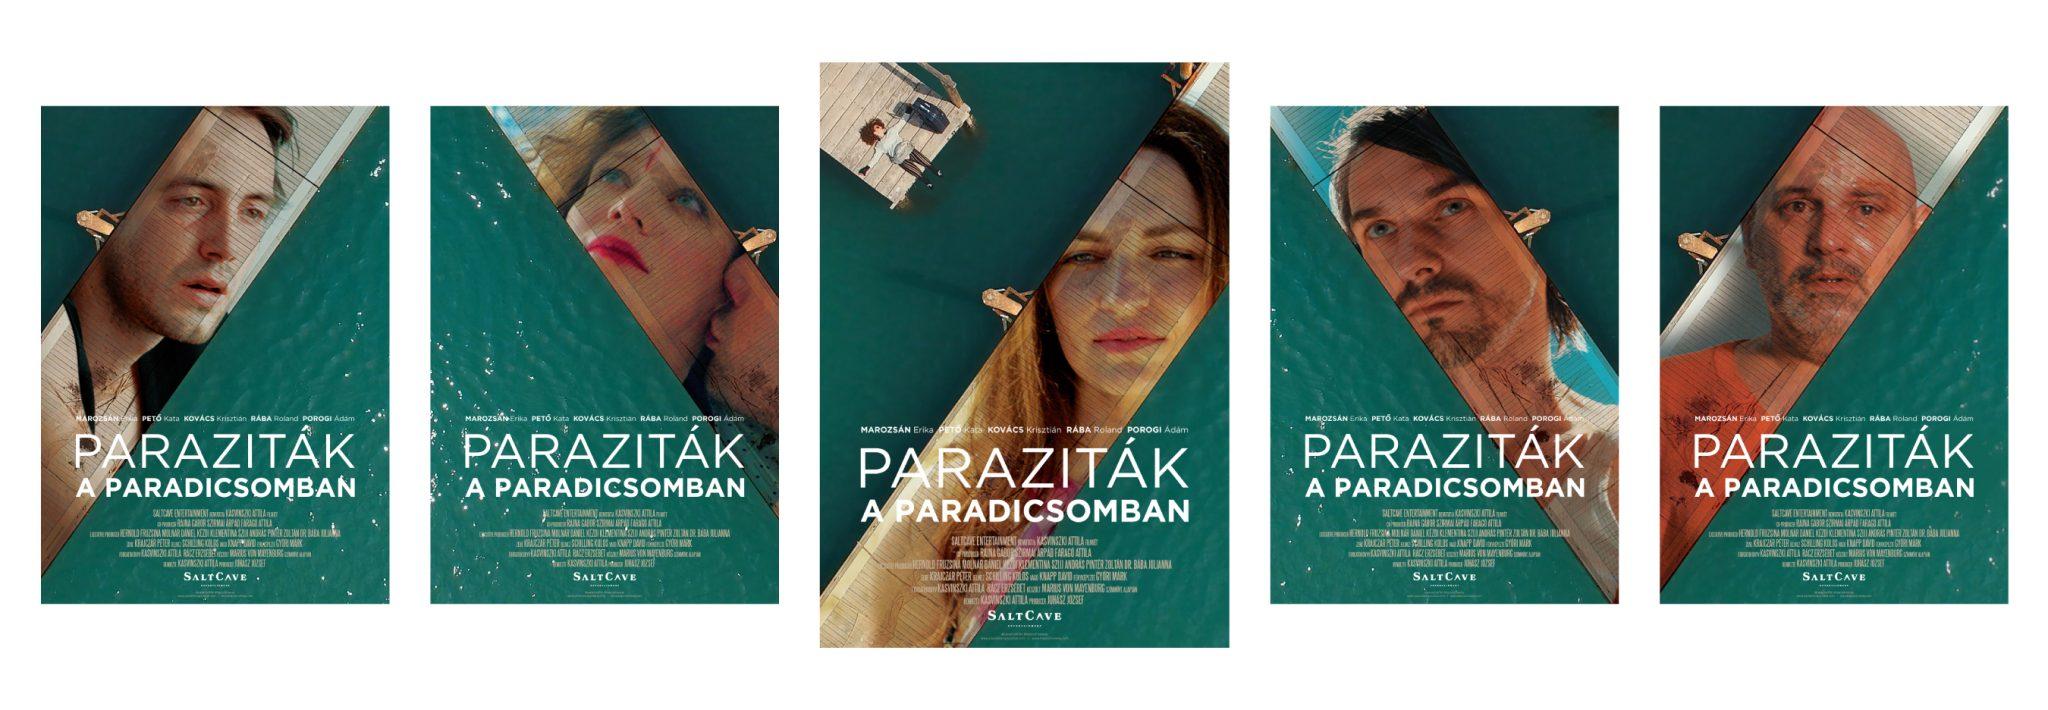 Élősködő   A Pallas nagy lexikona   Kézikönyvtár Paraziták sorozata